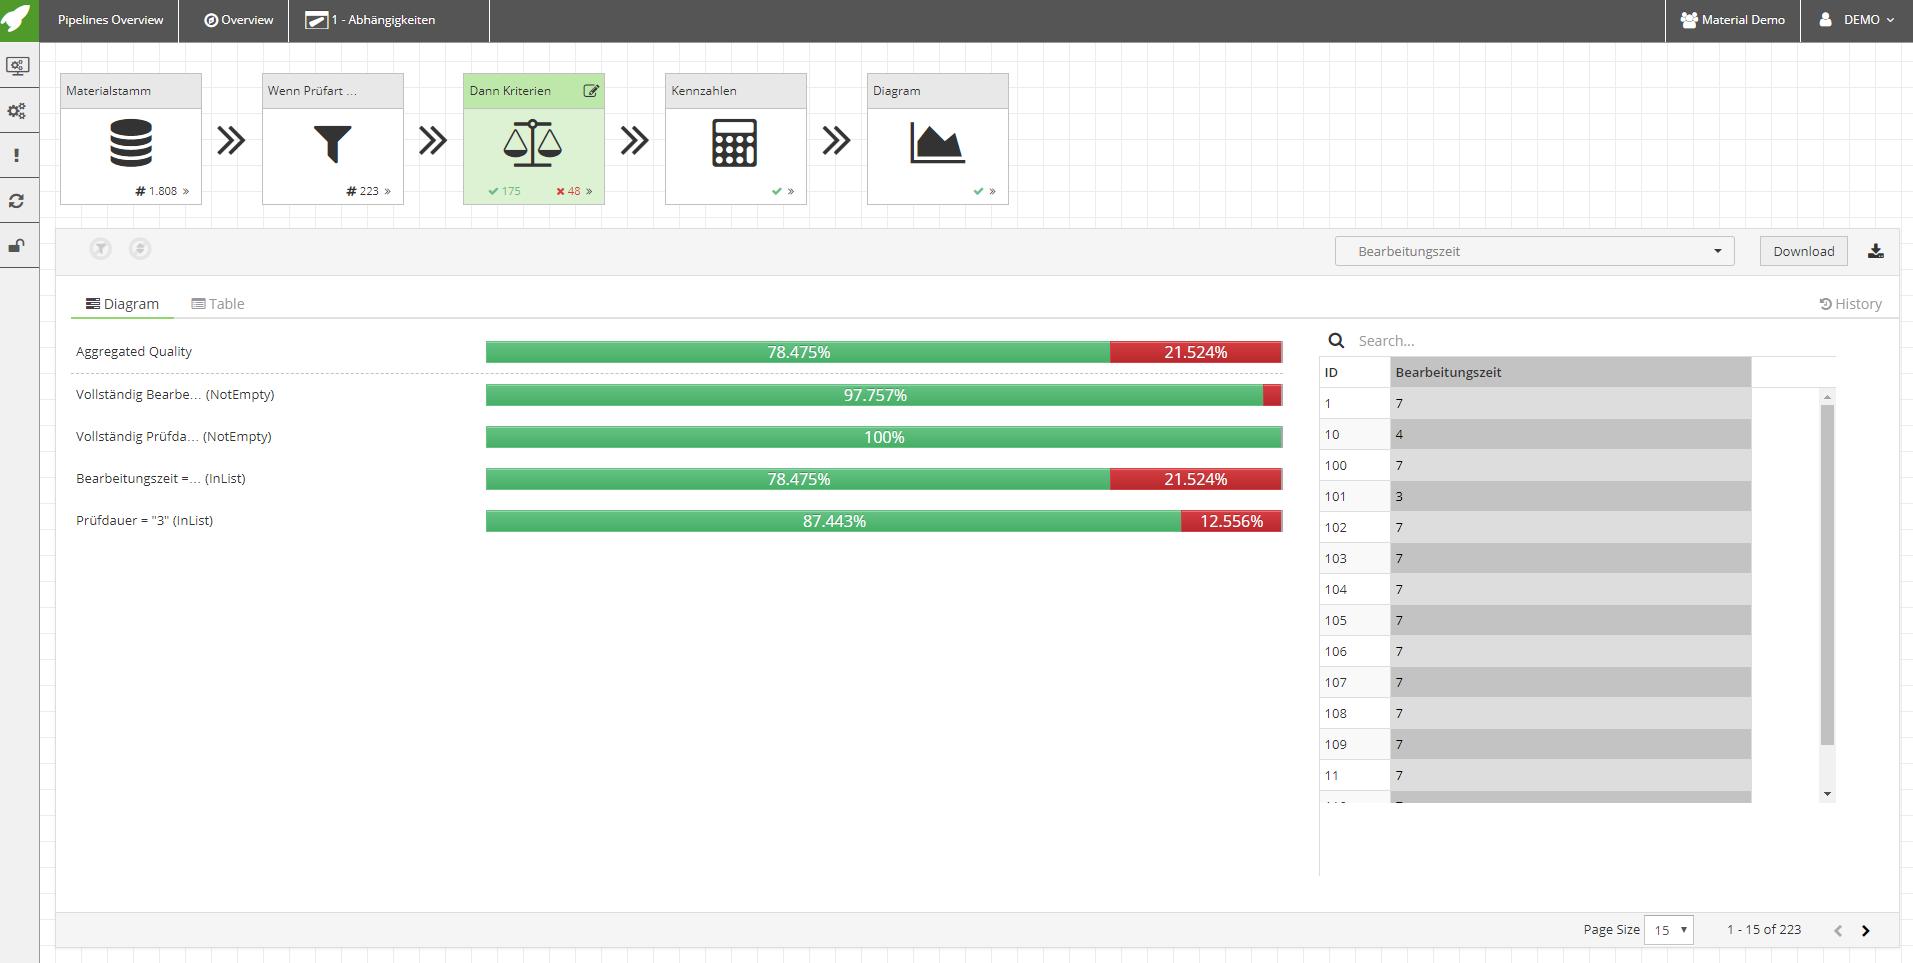 Oberfläche Stammdatenmanagement Software, Darstellung von Datenqualität